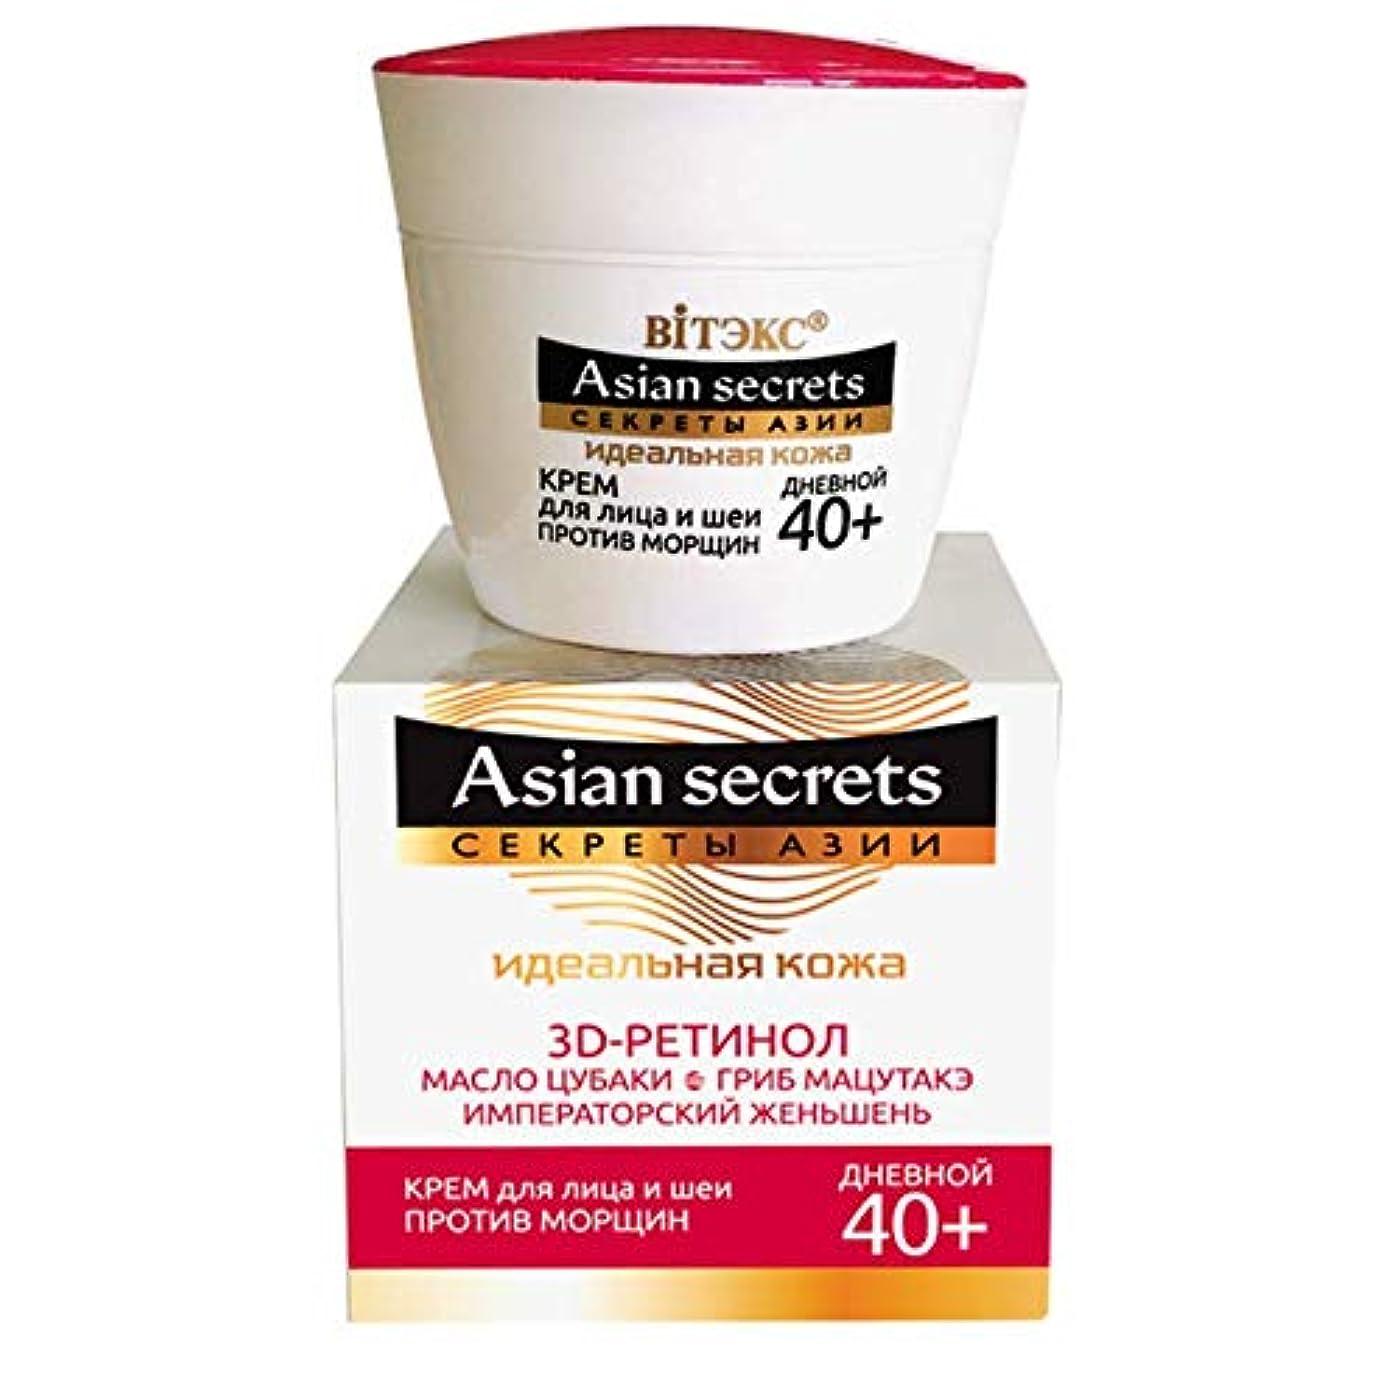 取得する連合偽善Skin Care Moisturizer for dry skin and normal skin. Korean Beauty - Face day Cream Moisturizer | Japanese Camellia, MATSUTAKE, GINSENG, 45 ml